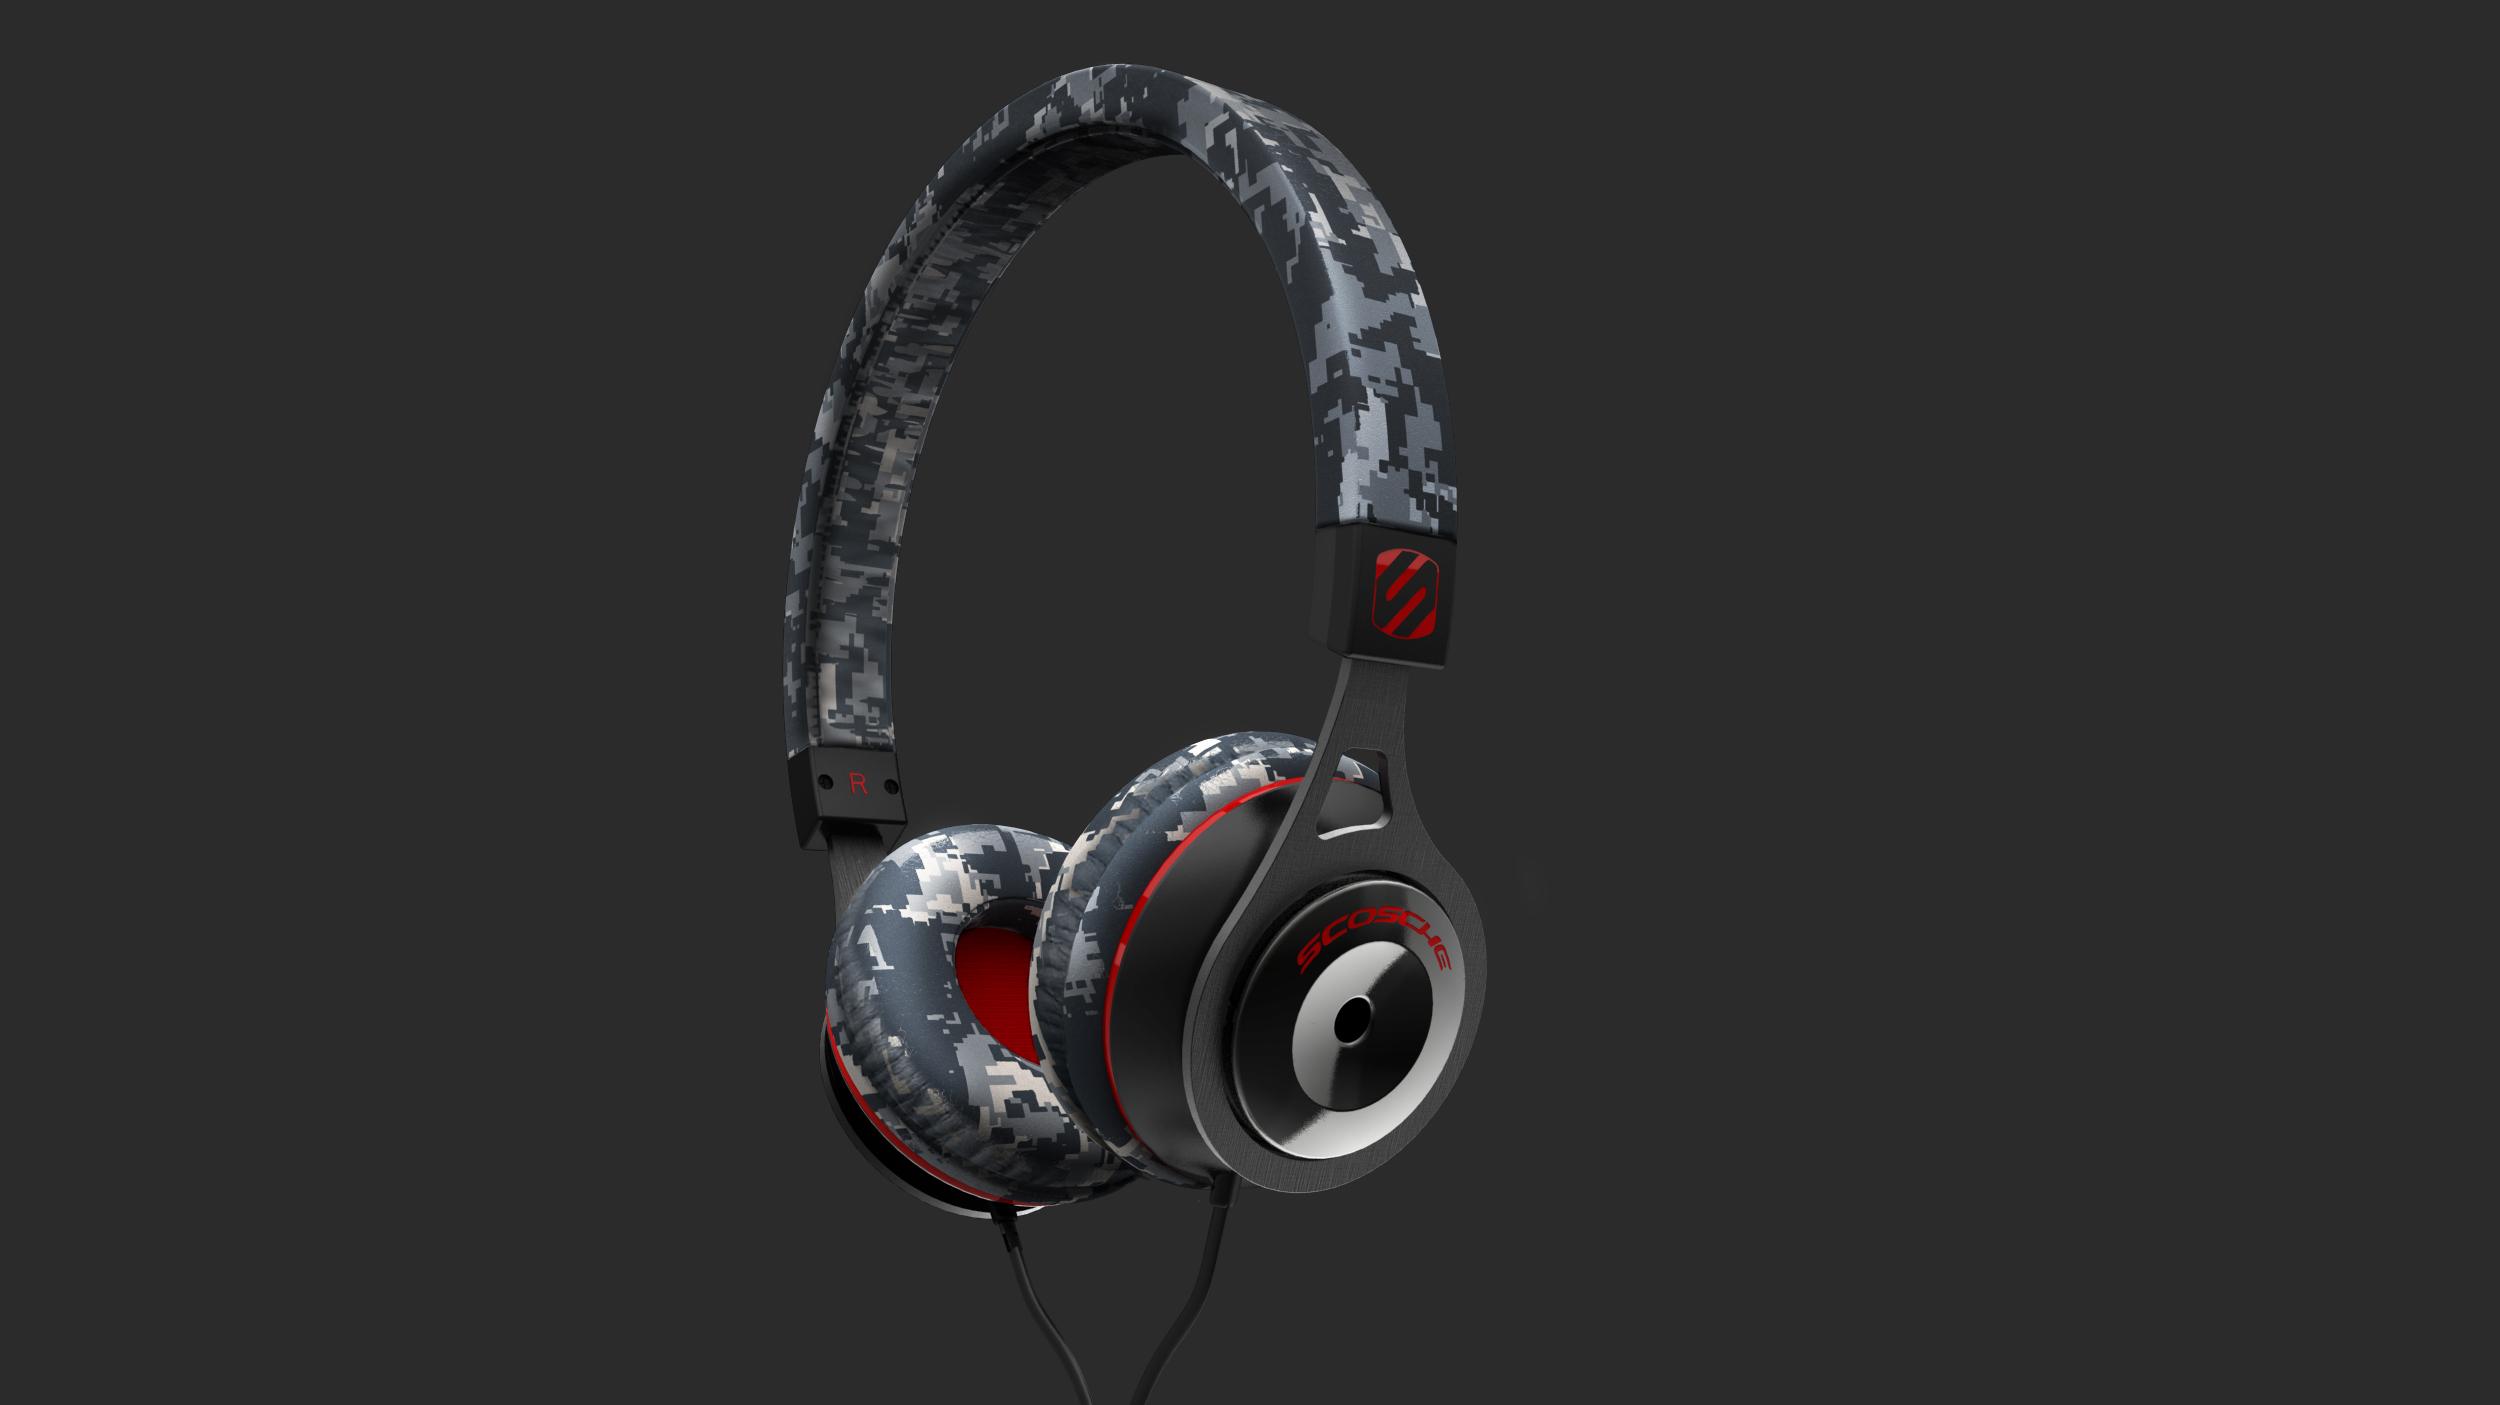 Scosche Headphones